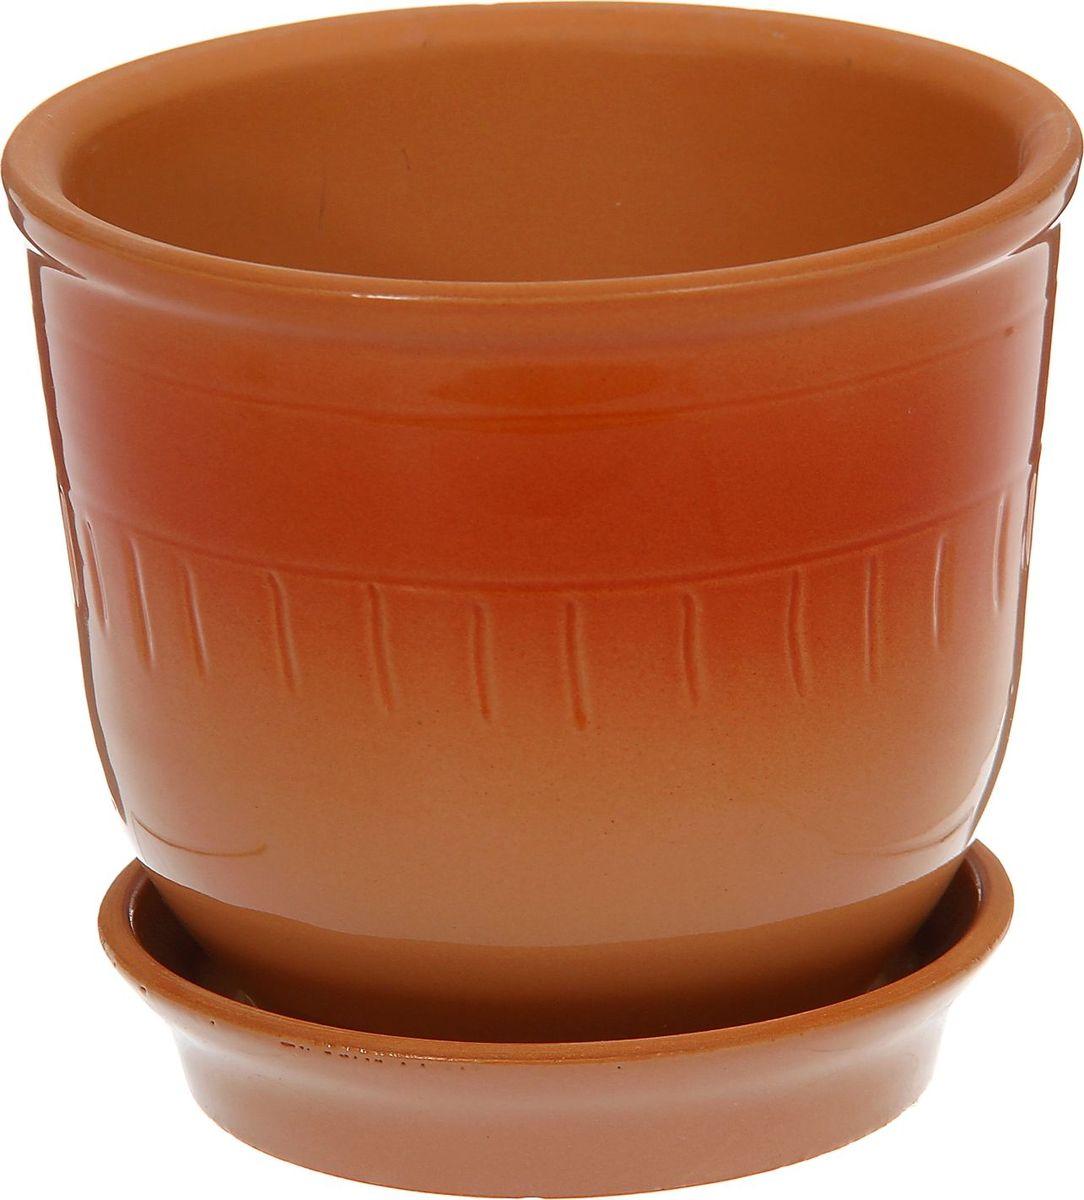 Кашпо Агат, цвет: коричневый, красный, 1 л1186733Комнатные растения — всеобщие любимцы. Они радуют глаз, насыщают помещение кислородом и украшают пространство. Каждому из них необходим свой удобный и красивый дом. Кашпо из керамики прекрасно подходят для высадки растений: за счет пластичности глины и разных способов обработки существует великое множество форм и дизайнов пористый материал позволяет испаряться лишней влаге воздух, необходимый для дыхания корней, проникает сквозь керамические стенки! позаботится о зеленом питомце, освежит интерьер и подчеркнет его стиль.